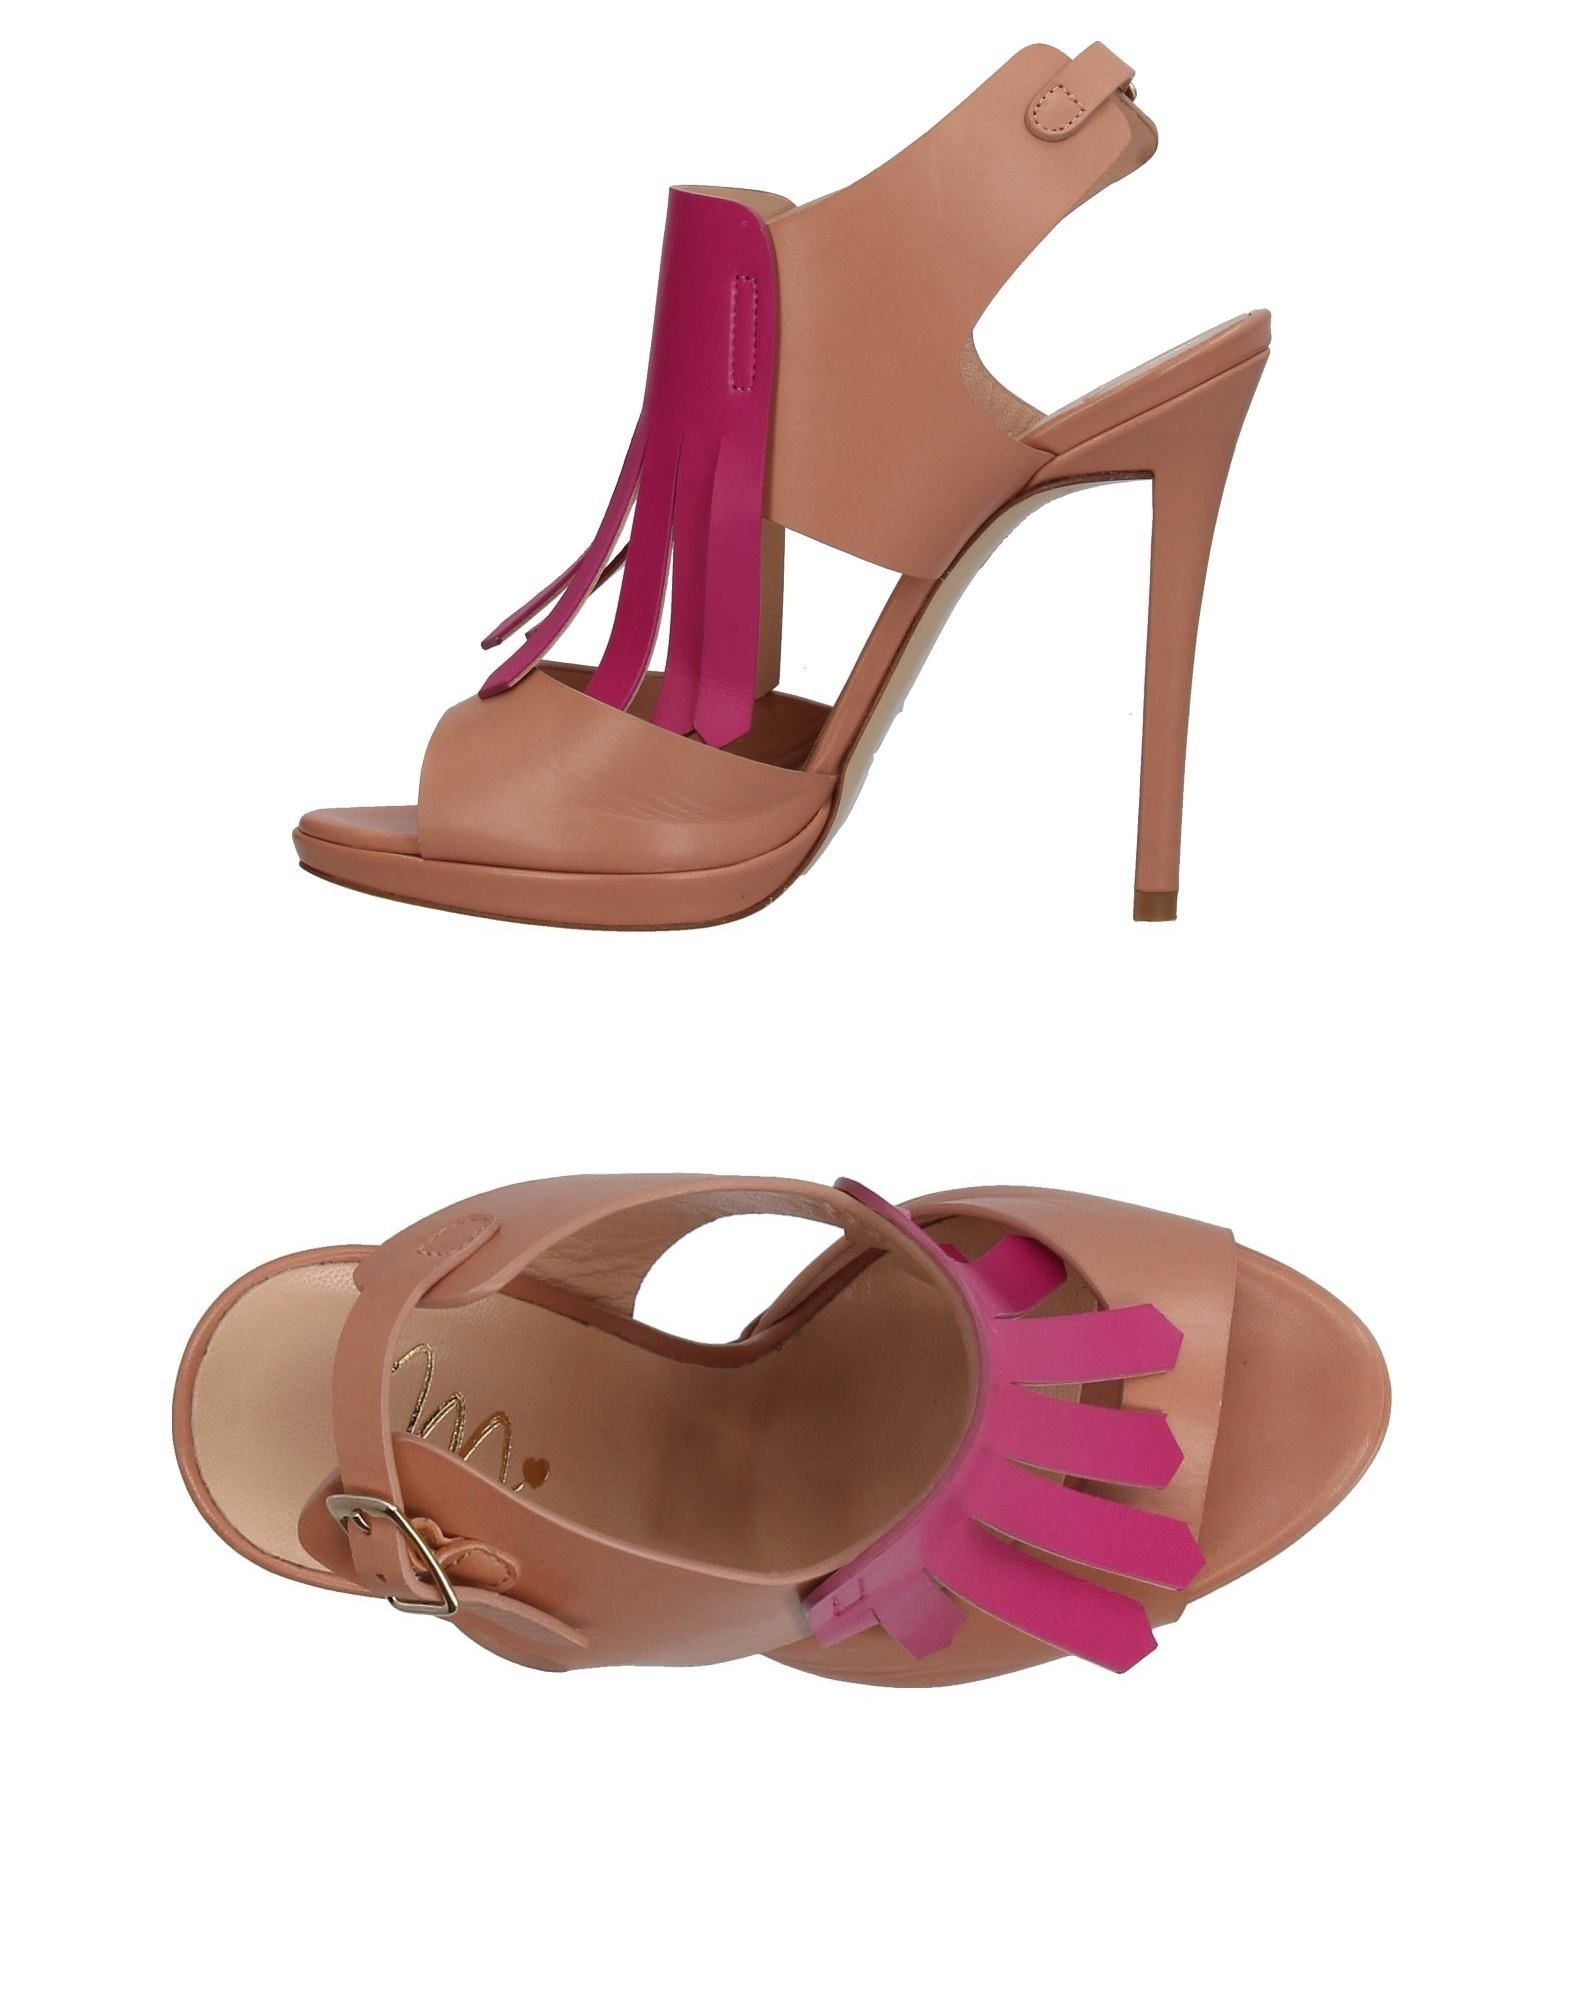 Los zapatos más populares para hombres y y y mujeres Sandalia Monnalisa Mujer - Sandalias Monnalisa  Carne 526643